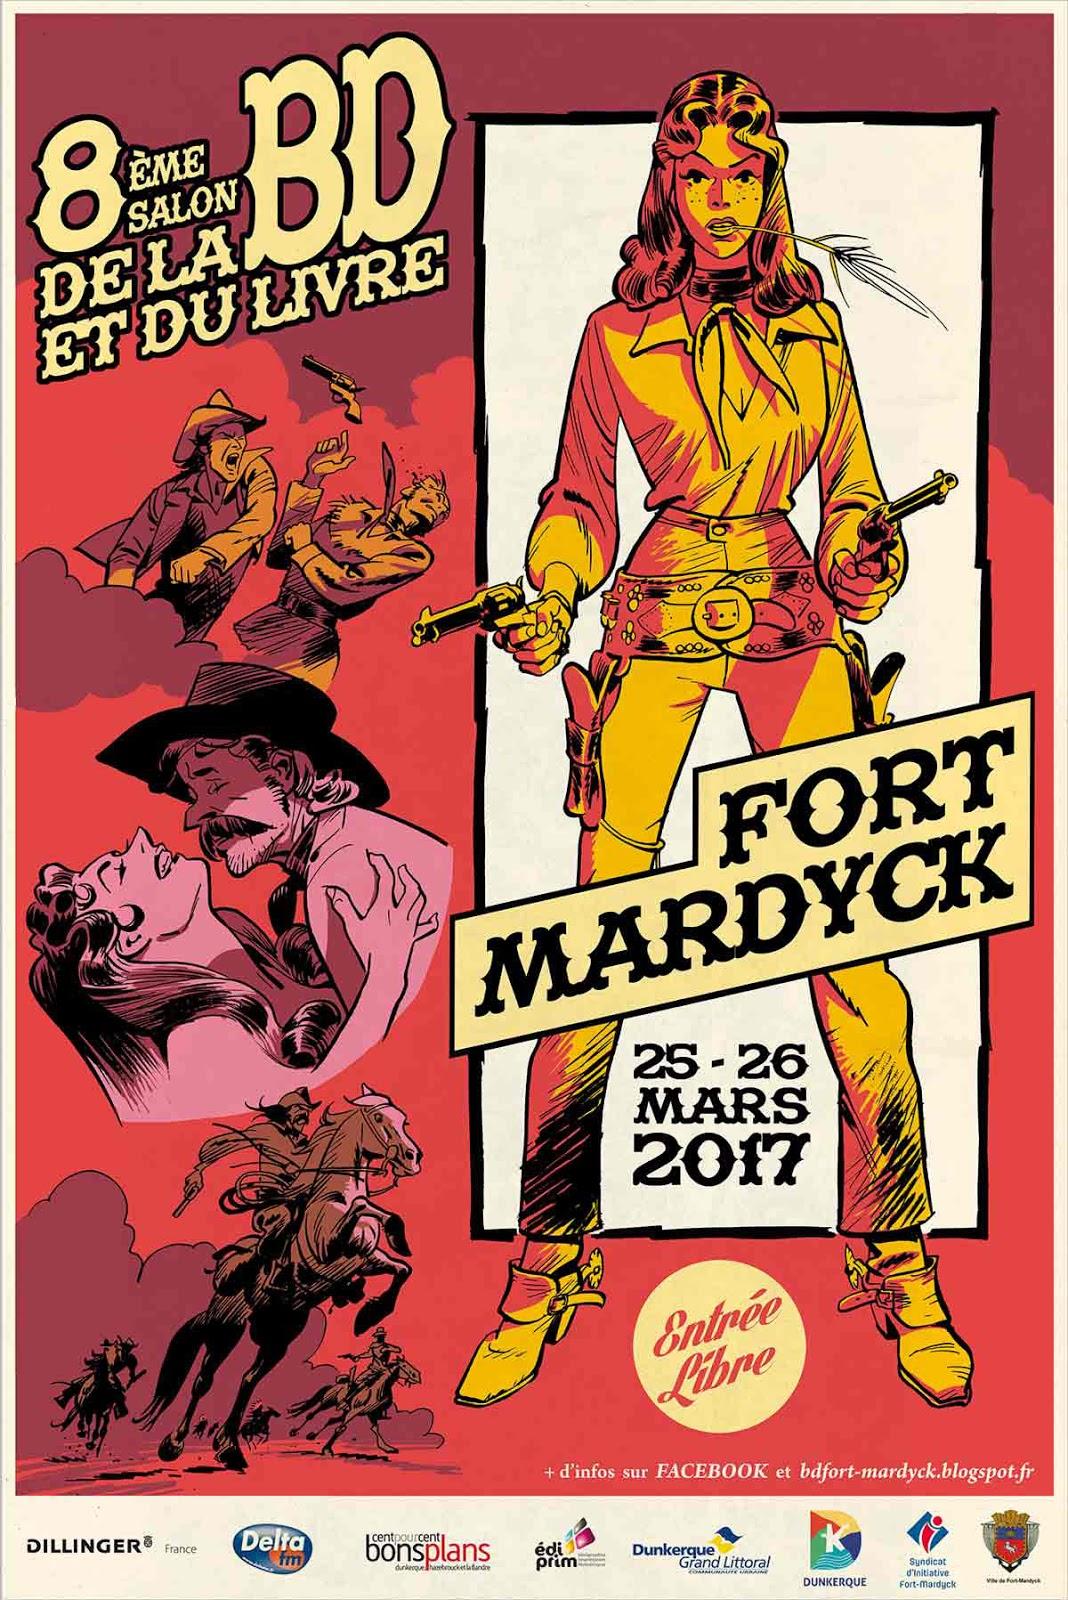 Salon de la bd et du livre de fort mardyck 2017 for Salon de la bd 2017